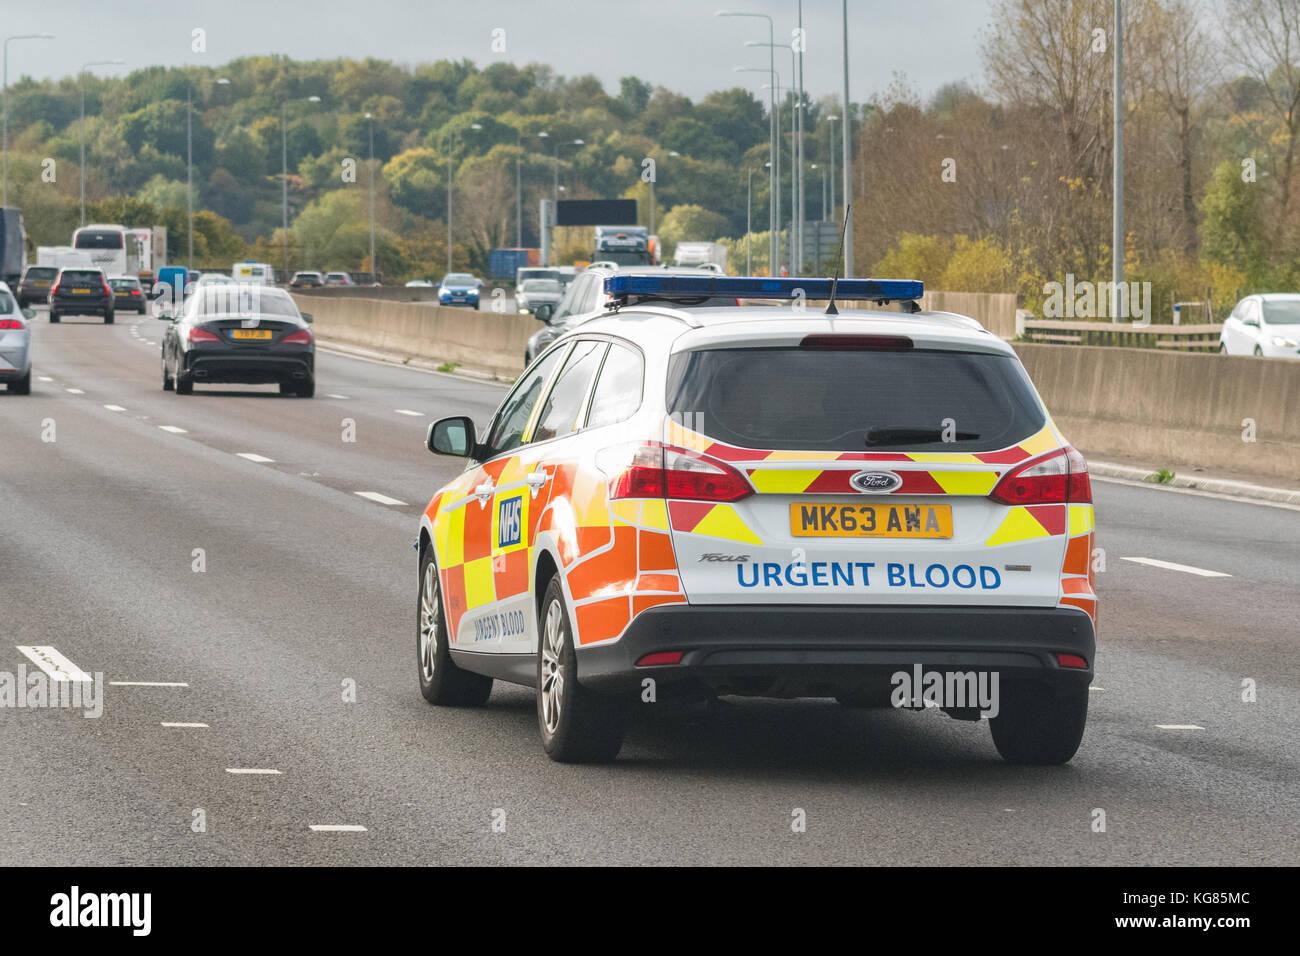 NHS sangue servizio di trasporto del veicolo di emergenza - REGNO UNITO Immagini Stock